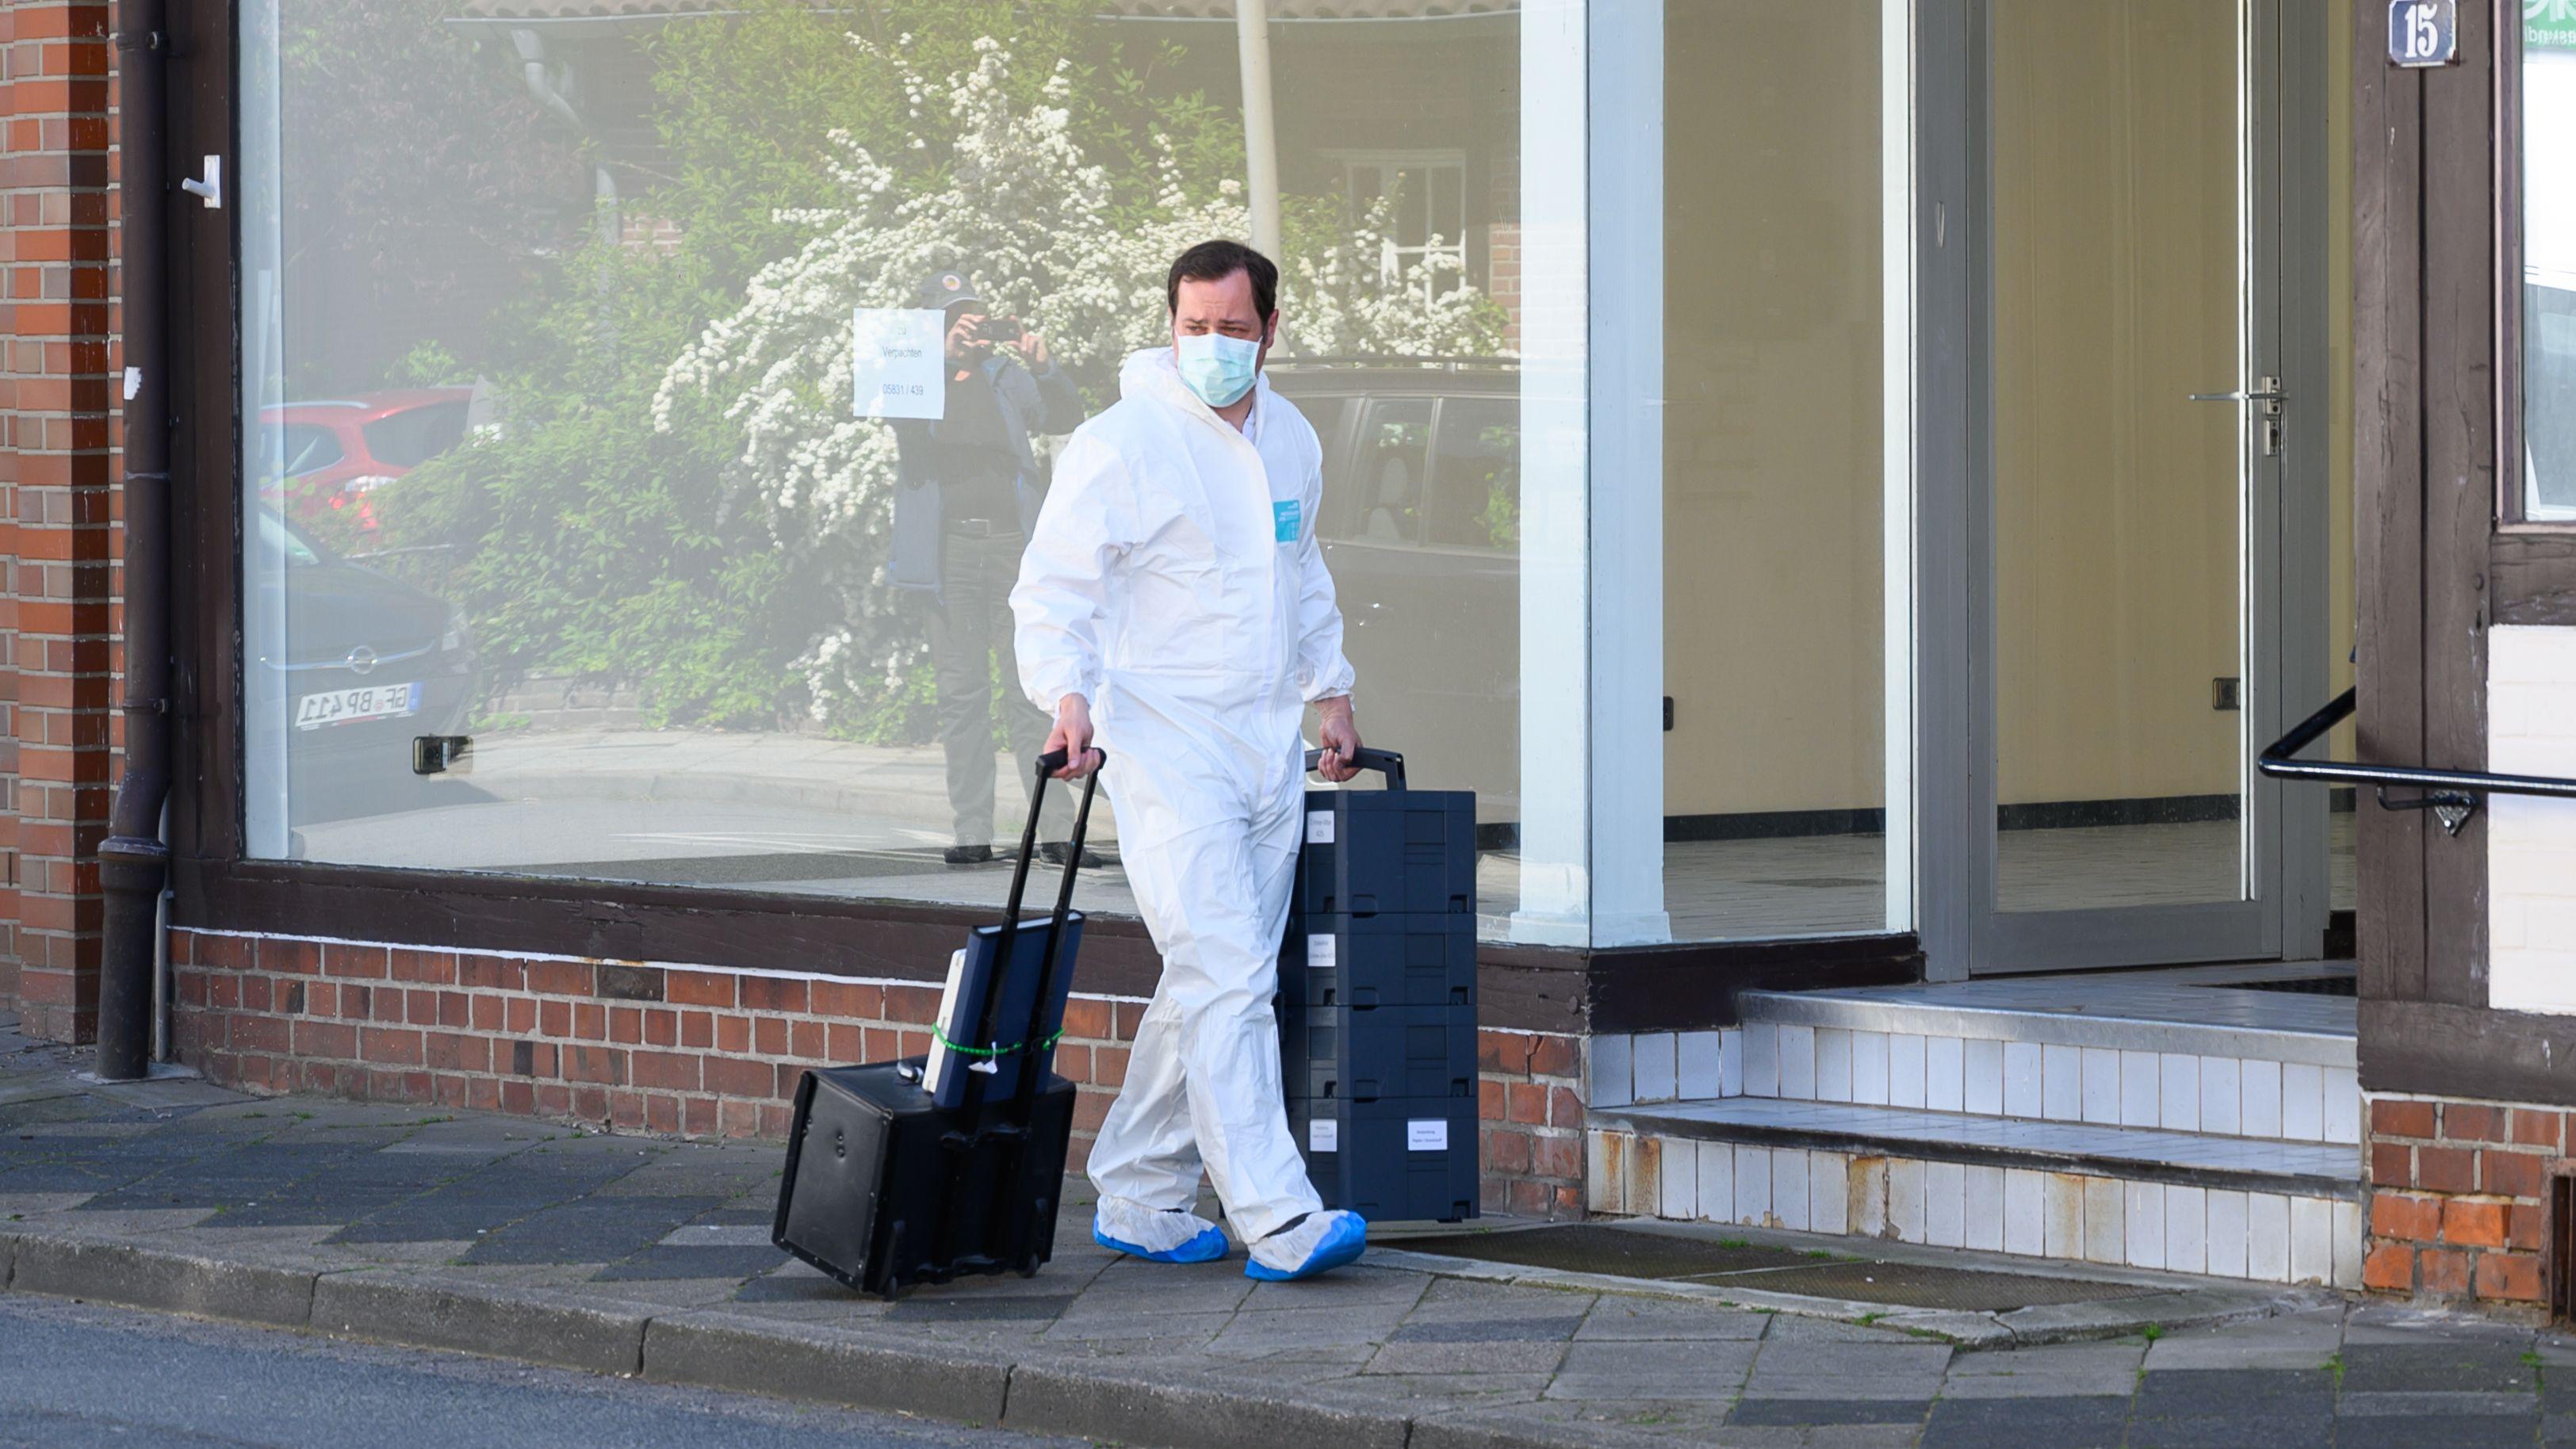 Ein Tatort-Ermittler rückt mit Koffern an